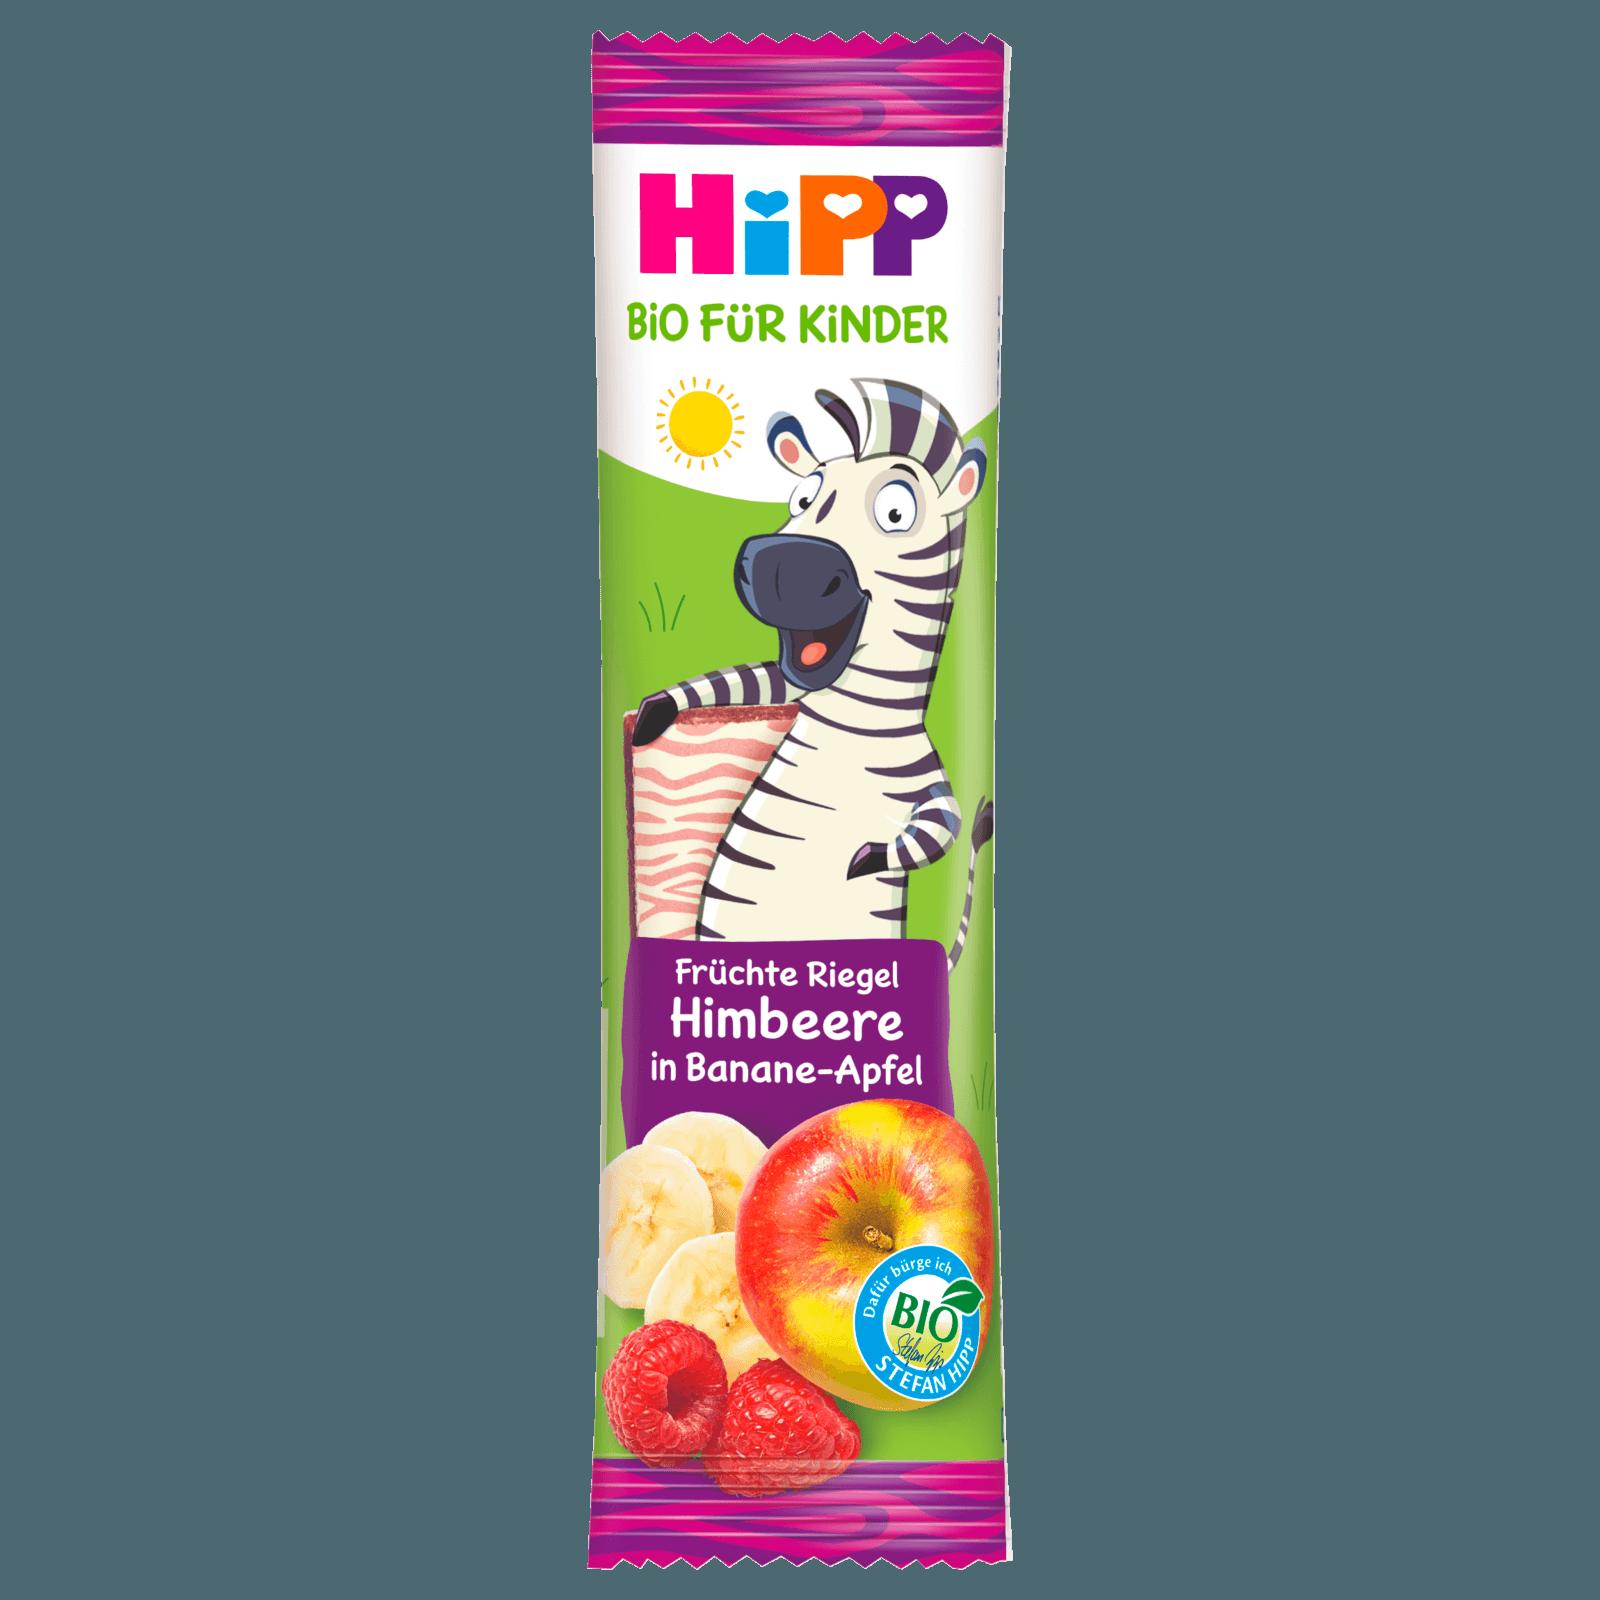 Hipp Früchte Freund Zebra Himbeer in Banane-Apfel 23g